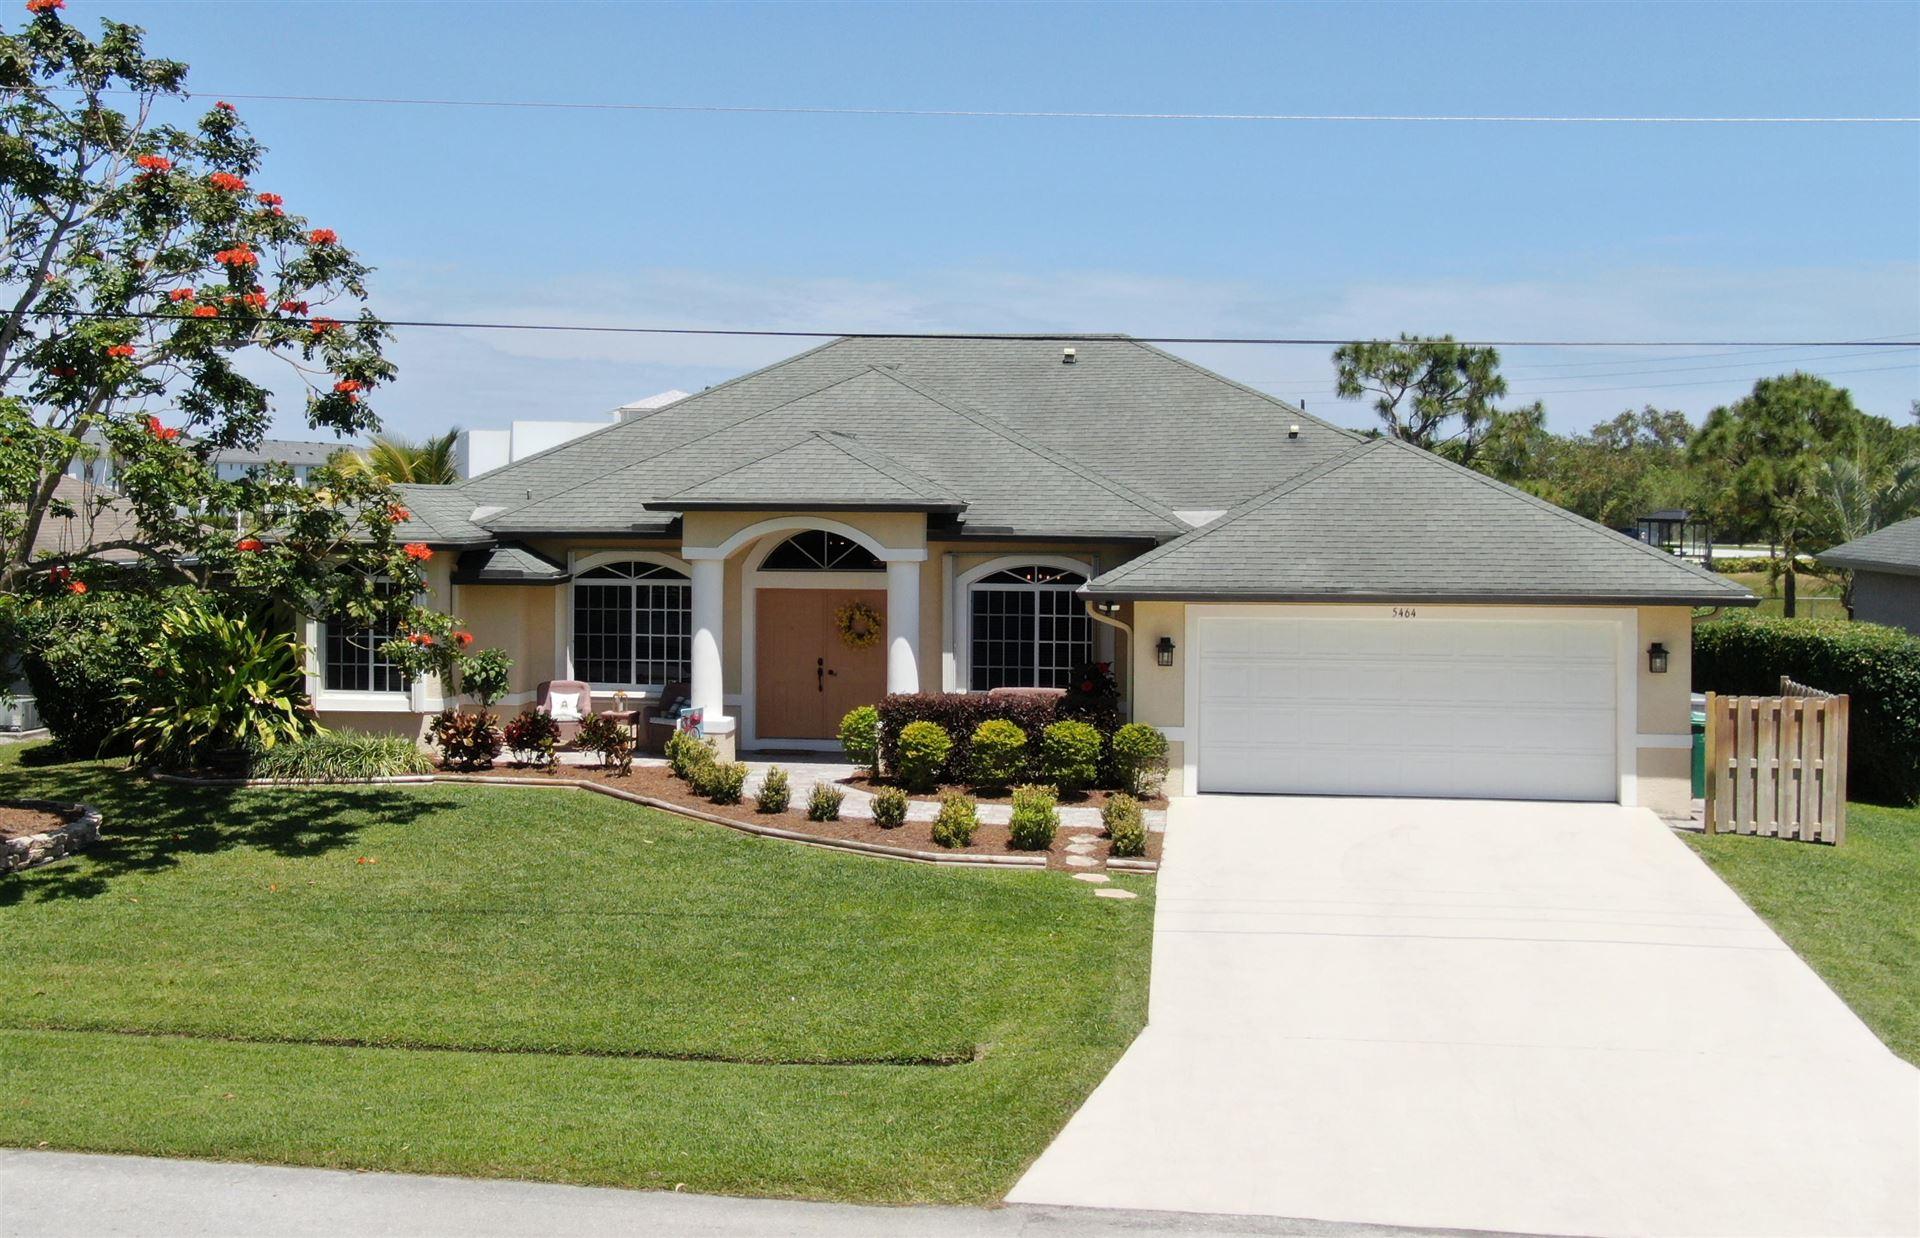 5464 NW Model Court, Port Saint Lucie, FL 34986 - #: RX-10709585